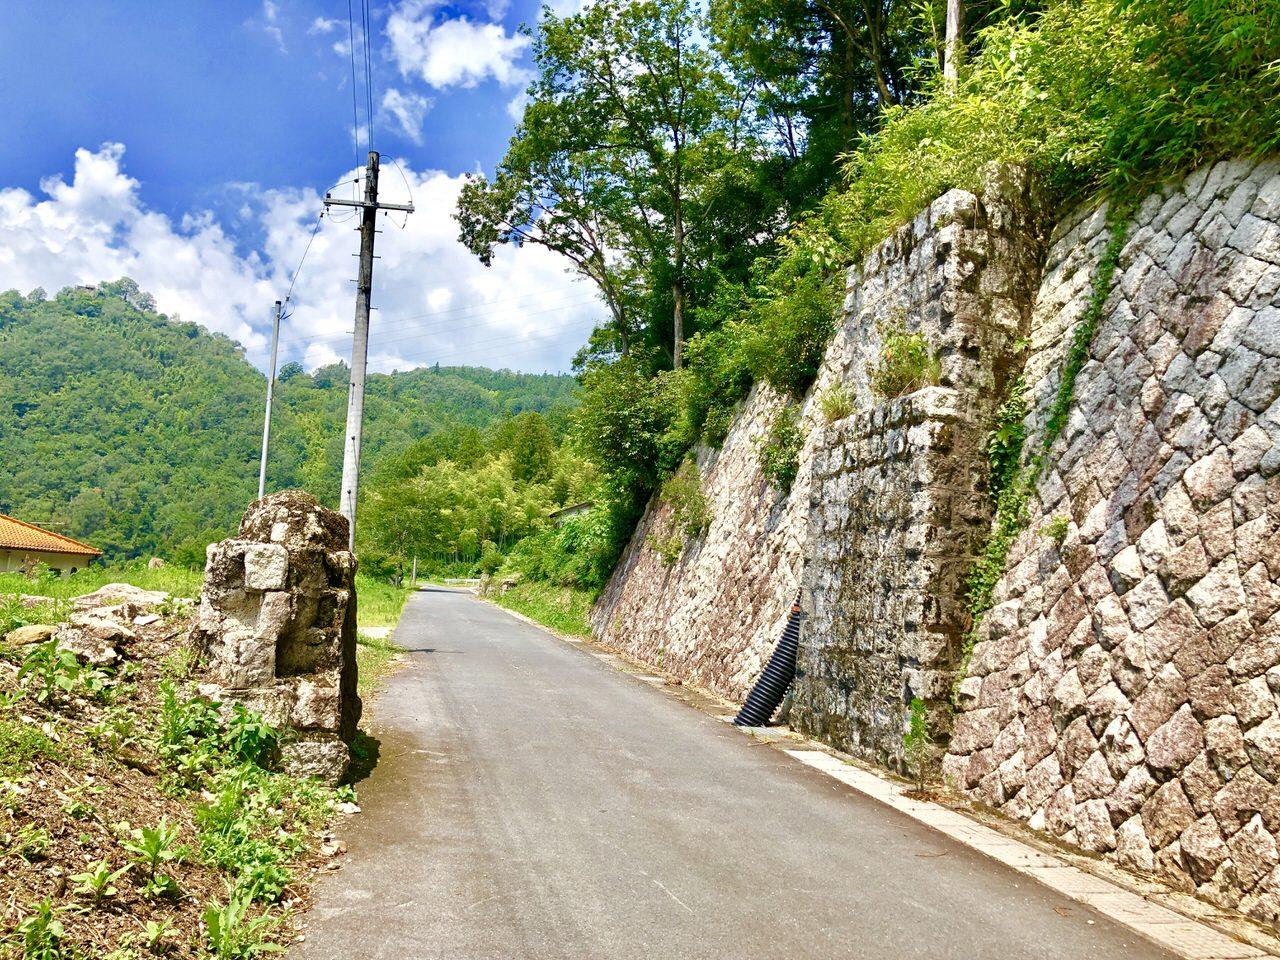 北恵那鉄道廃線跡の跨線橋の橋台